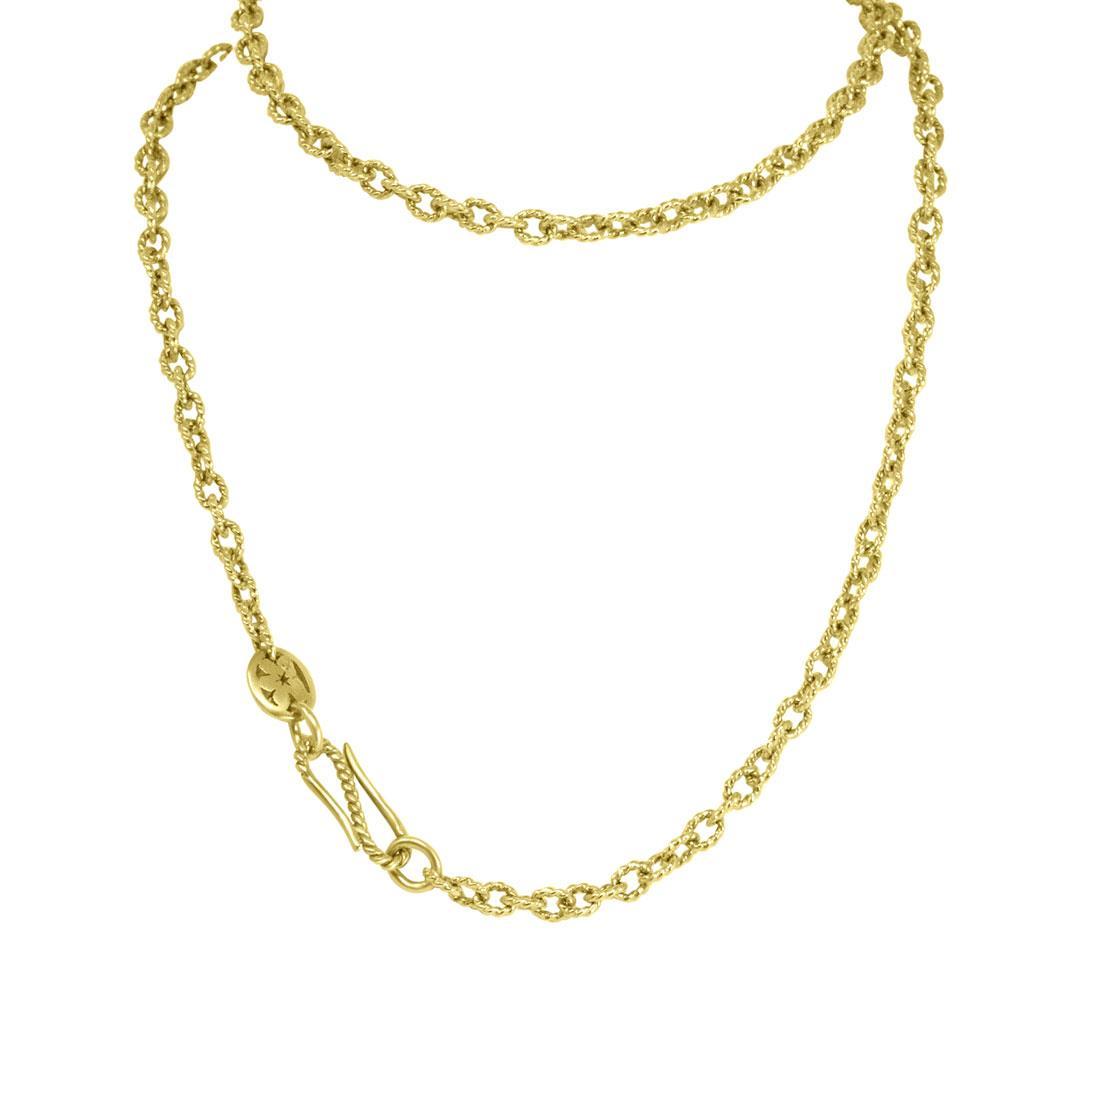 Collana in oro giallo con sabbiatura, lunghezza 58cm  - POMELLATO